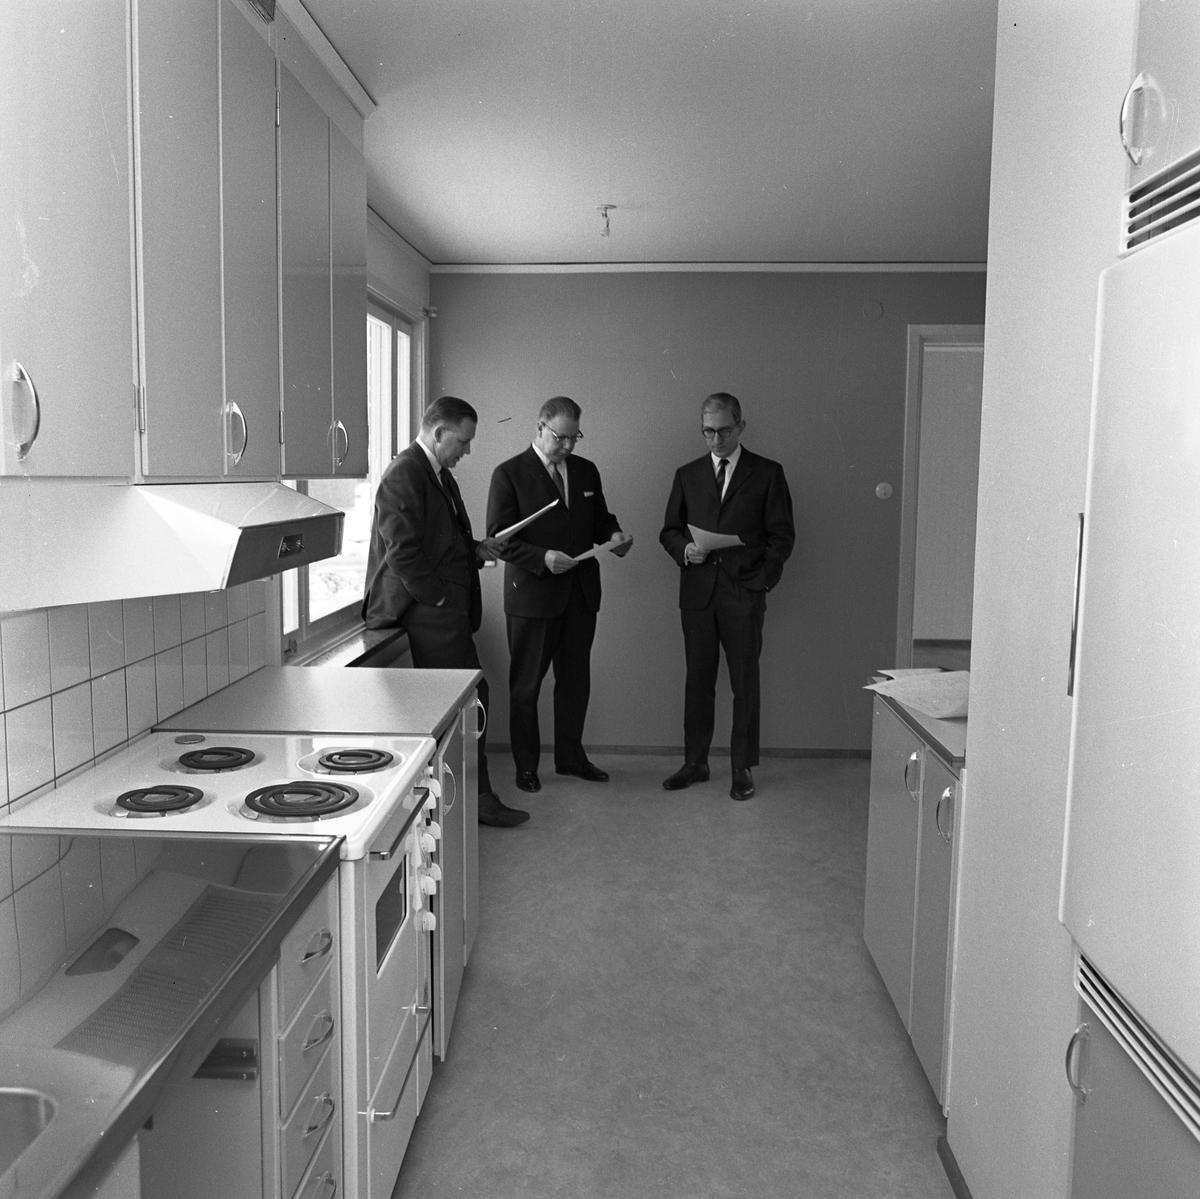 Arbogavillan lll, interiör, kök. Diskbänk, spis och köksfläkt i förgrunden. Tre kostymklädda herrar står i kökets matplats. I mitten står Hilding Lund på Byggnadsfirma Lund.